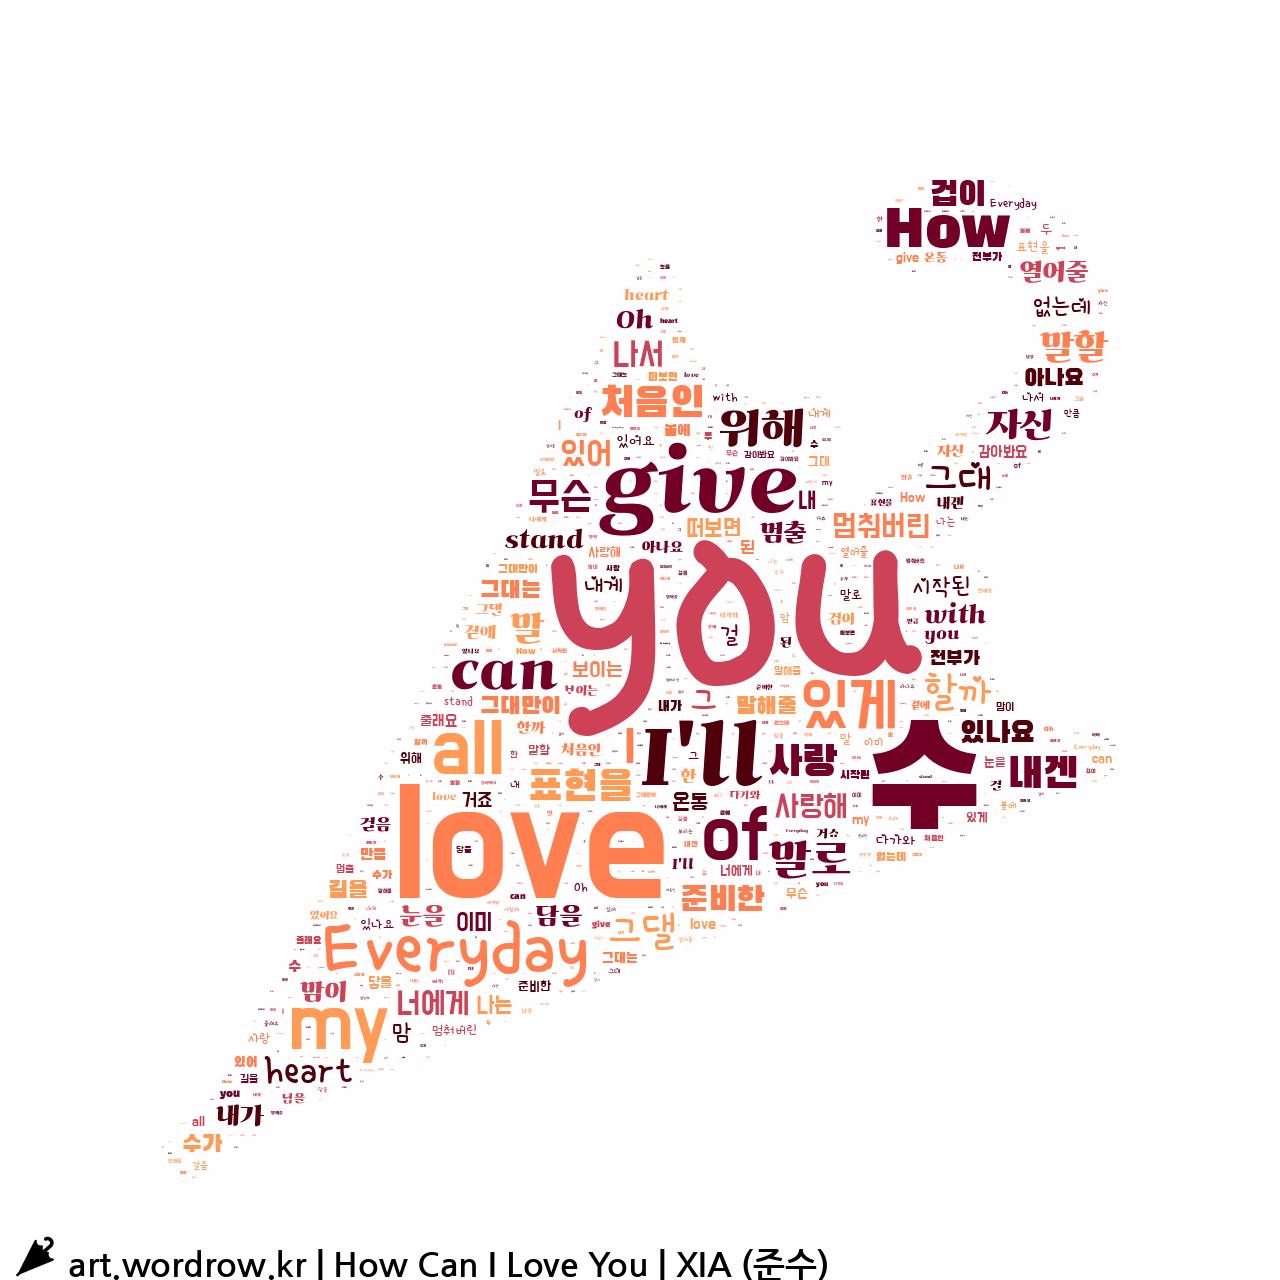 워드 클라우드: How Can I Love You [XIA (준수)]-59